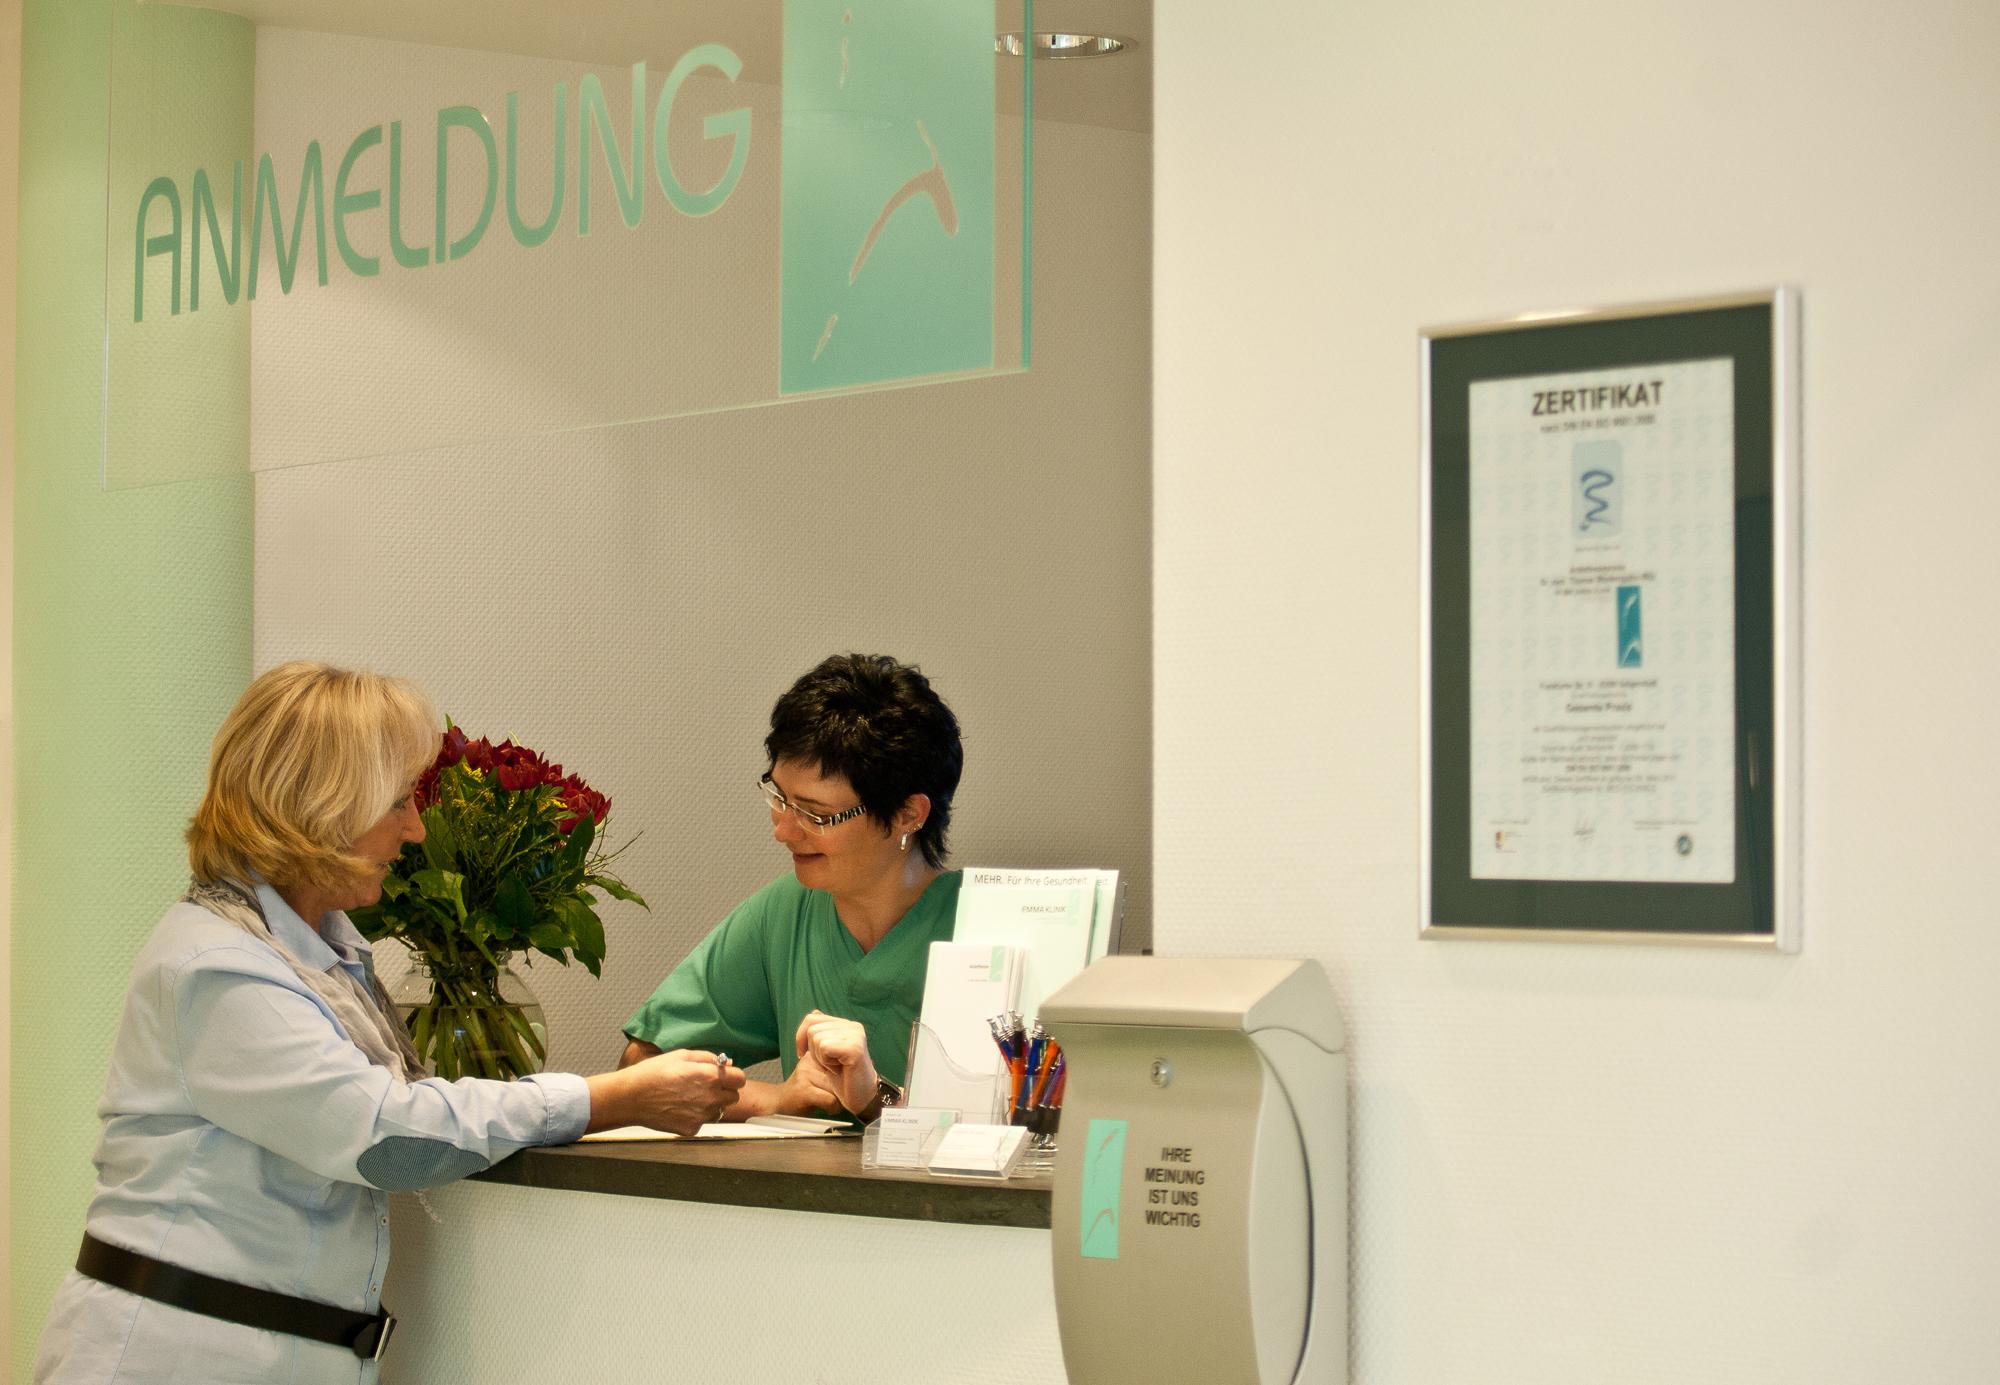 Anmeldung Anästhesie Emma Klinik Seligenstadt